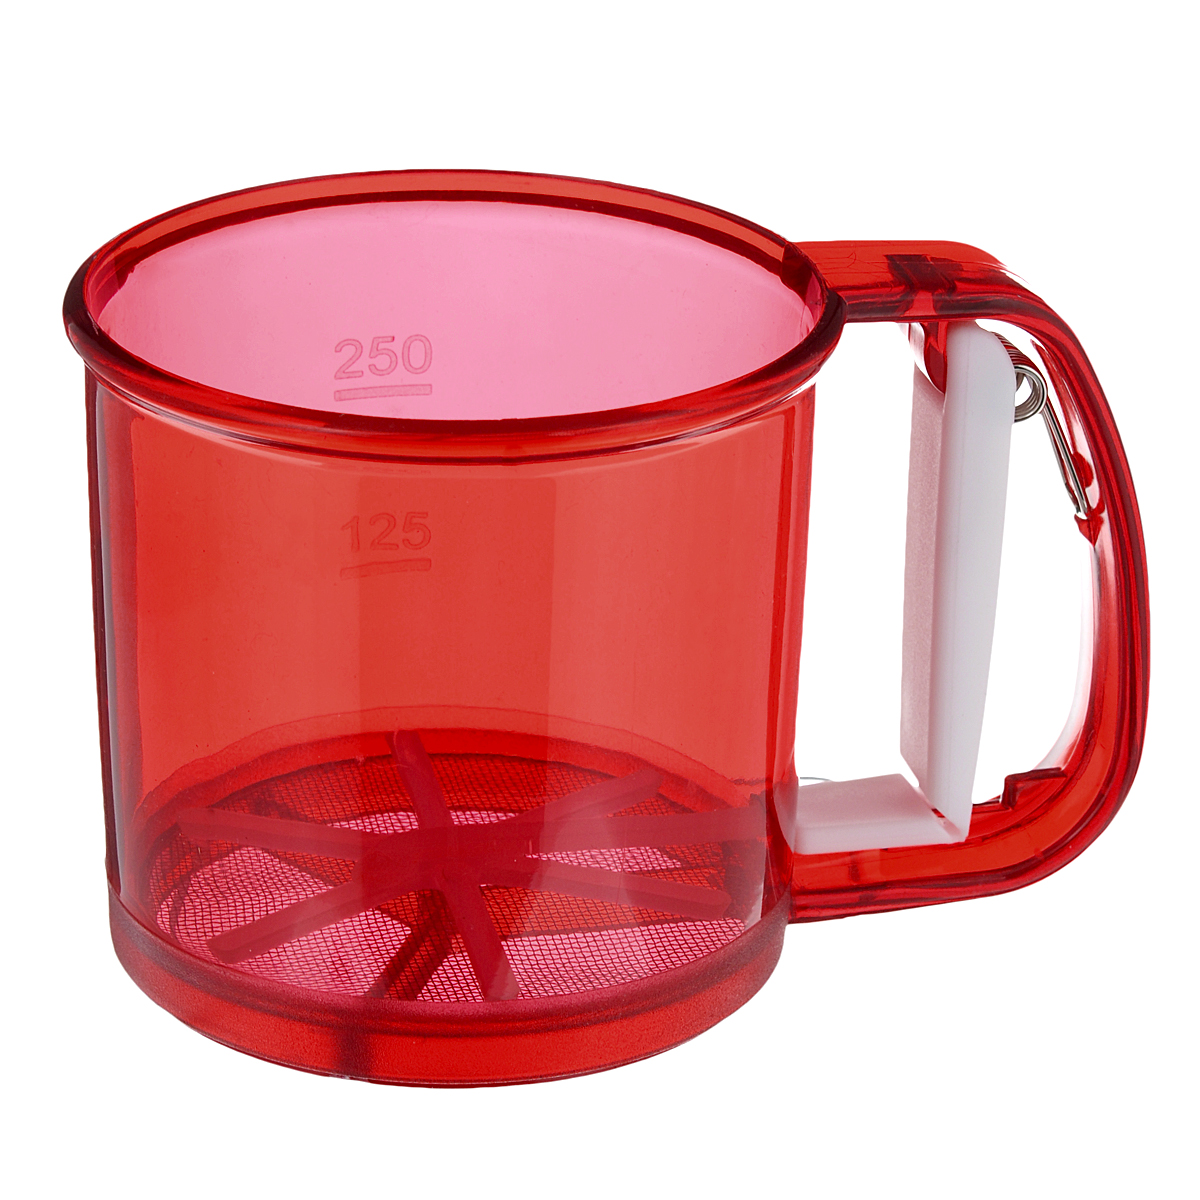 Кружка-сито Аква, цвет: красный, 250 г115510Кружка-сито Аква изготовлена из высококачественного пластика и нержавеющей стали. Удобный механизм с рычагом на ручке позволяет быстро и эффективно просеивать муку. Кружка-сито Аква станет достойным дополнением к коллекции кухонных аксессуаров.Диаметр (по верхнему краю): 10,5 см.Высота: 9,5 см.Объем: 250 г.